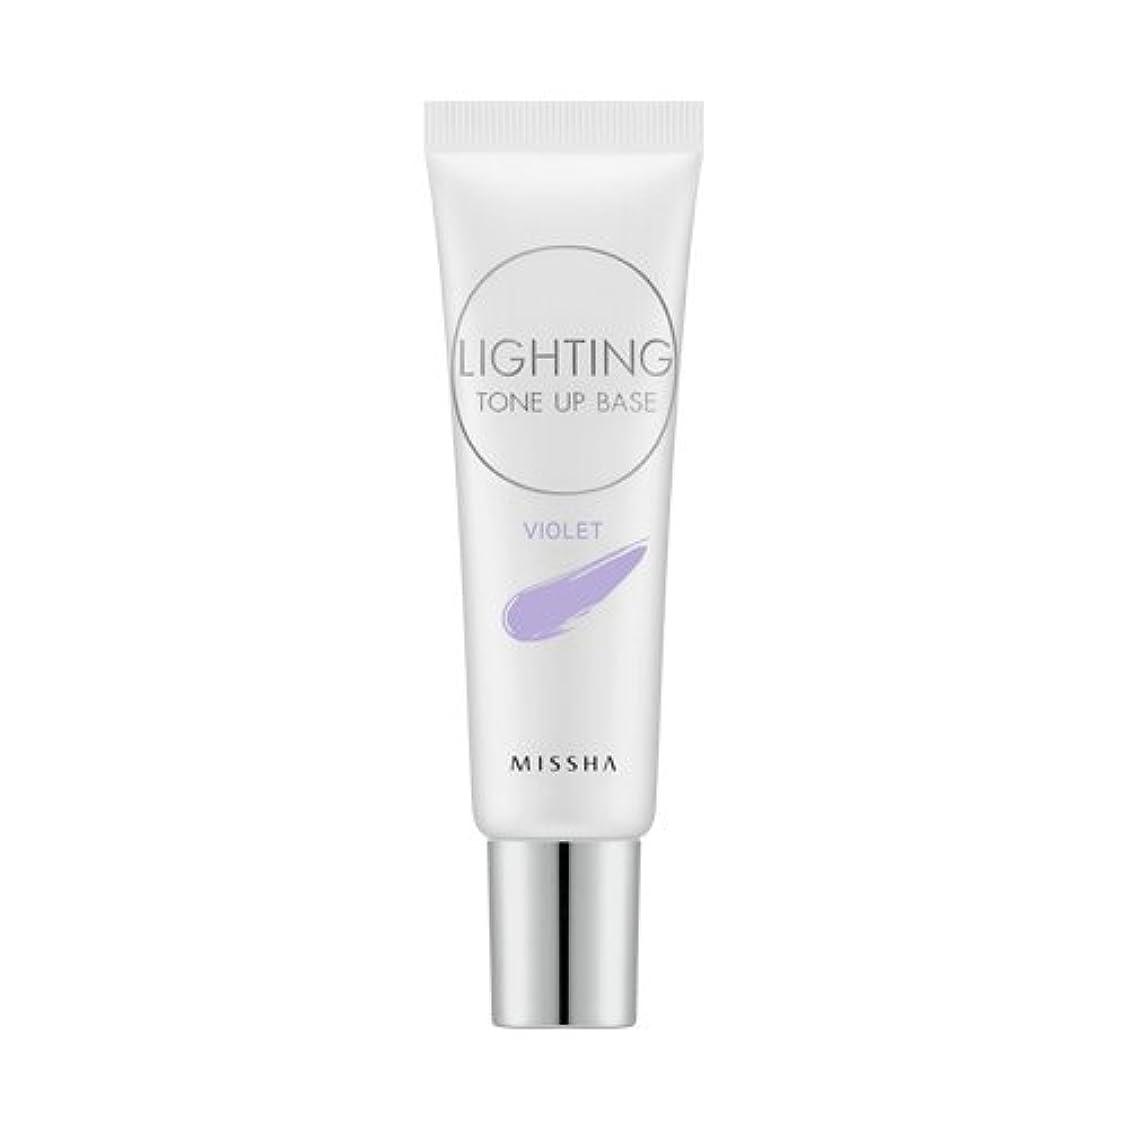 眠りリーチキルスMISSHA Lighting Tone Up Base 20ml/ミシャ ライティング トーン アップ ベース 20ml (#Violet)